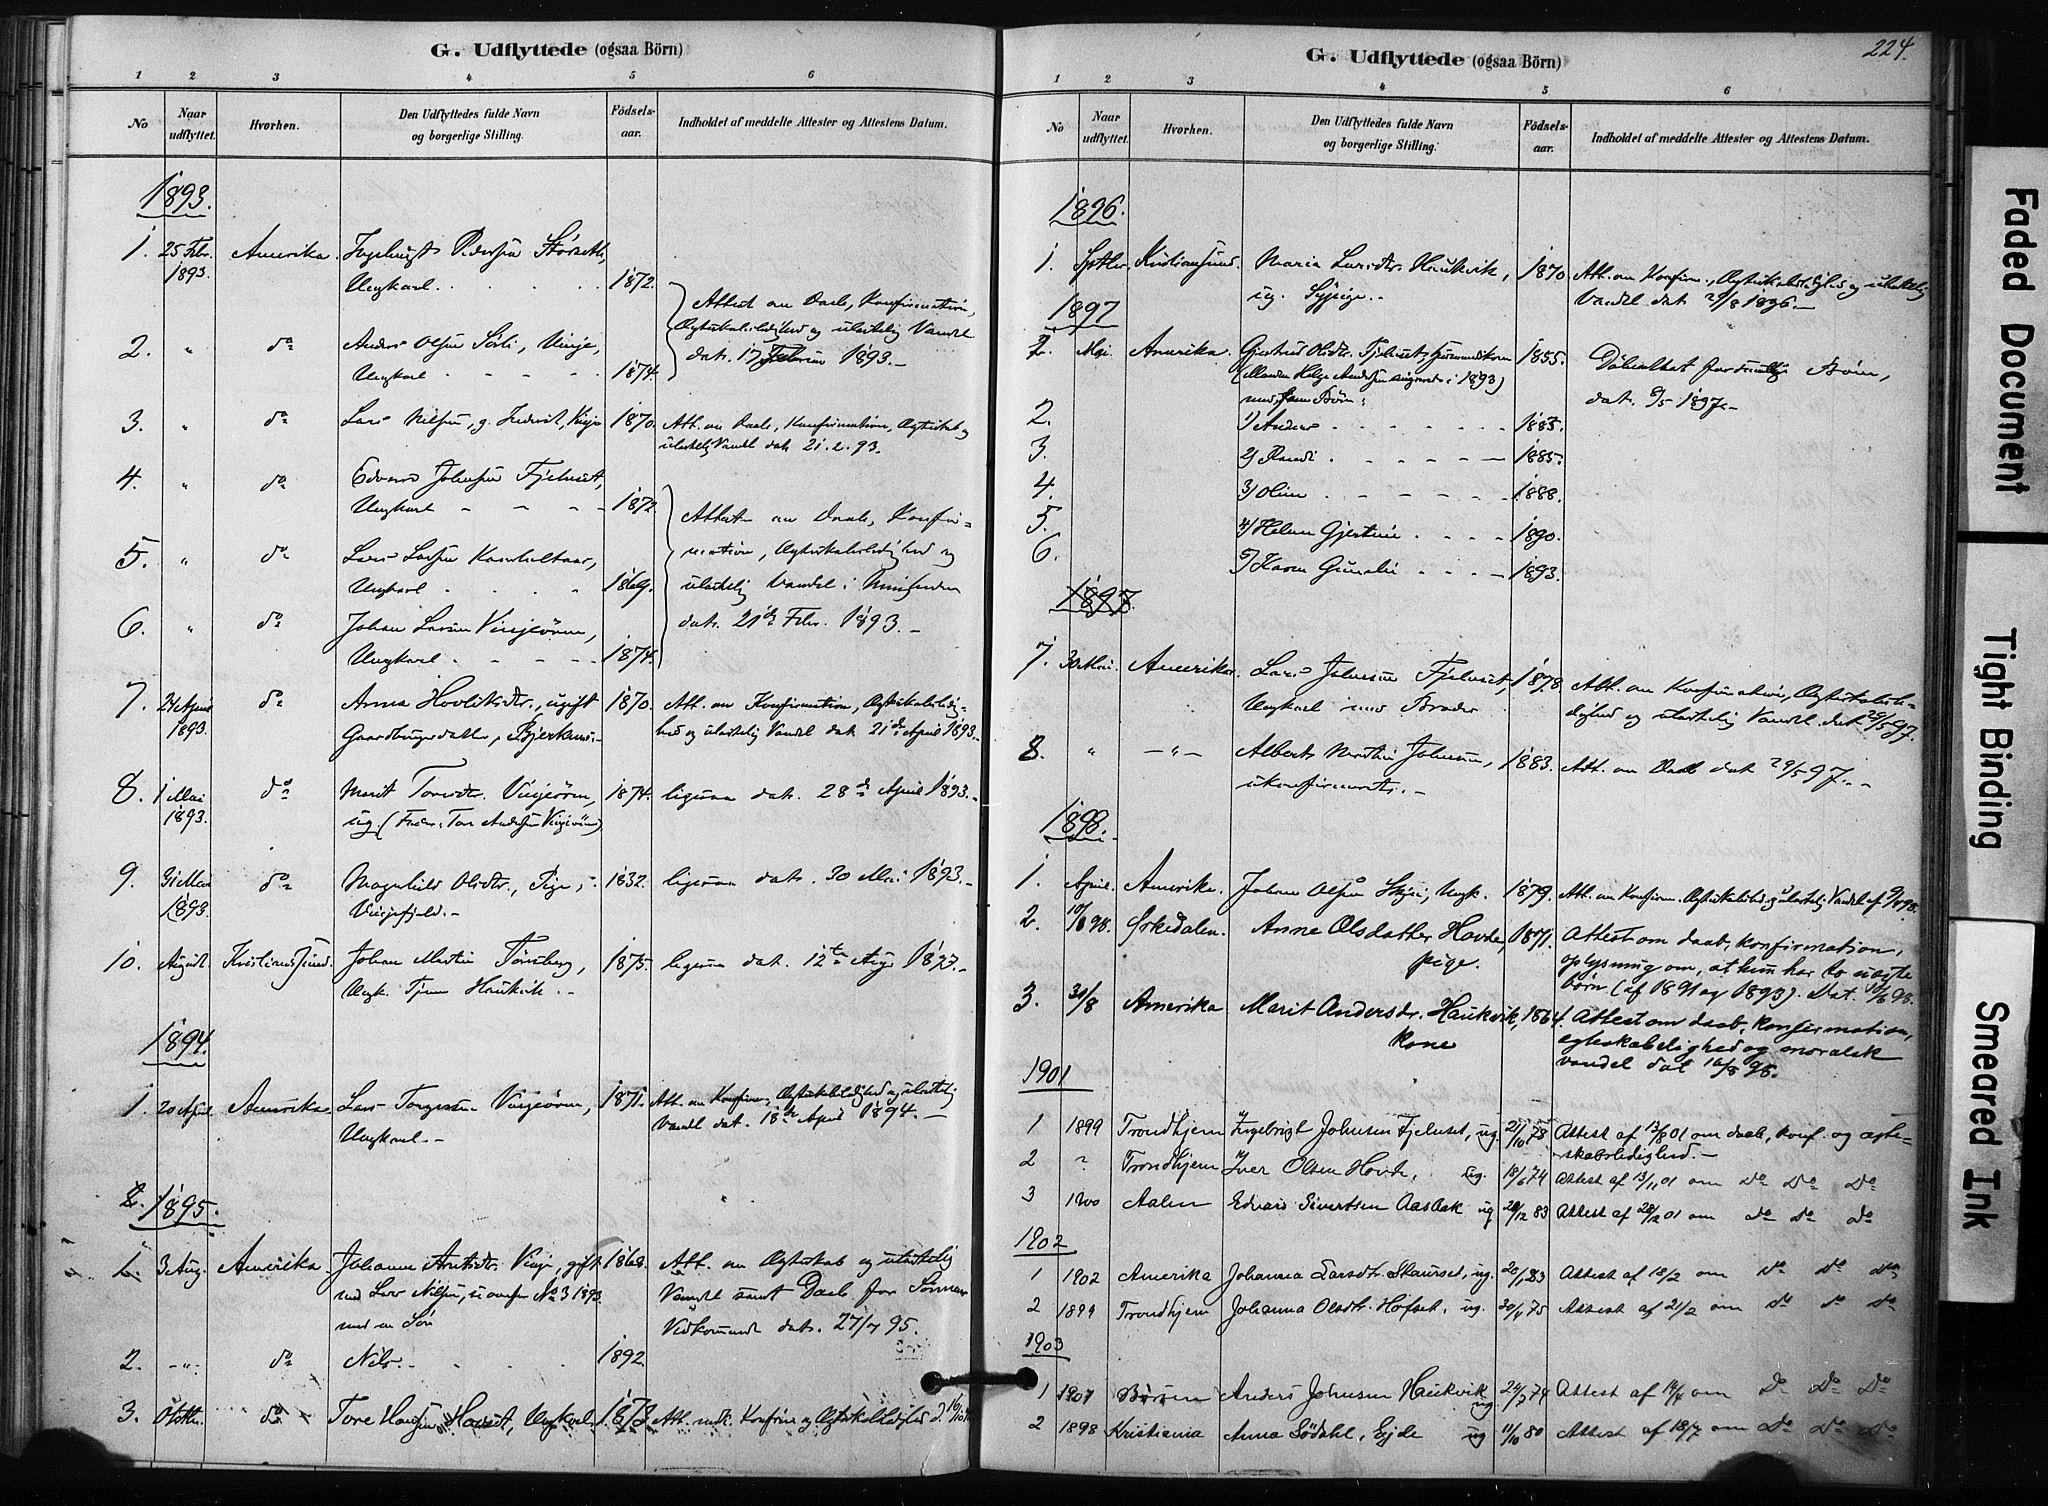 SAT, Ministerialprotokoller, klokkerbøker og fødselsregistre - Sør-Trøndelag, 631/L0512: Ministerialbok nr. 631A01, 1879-1912, s. 224